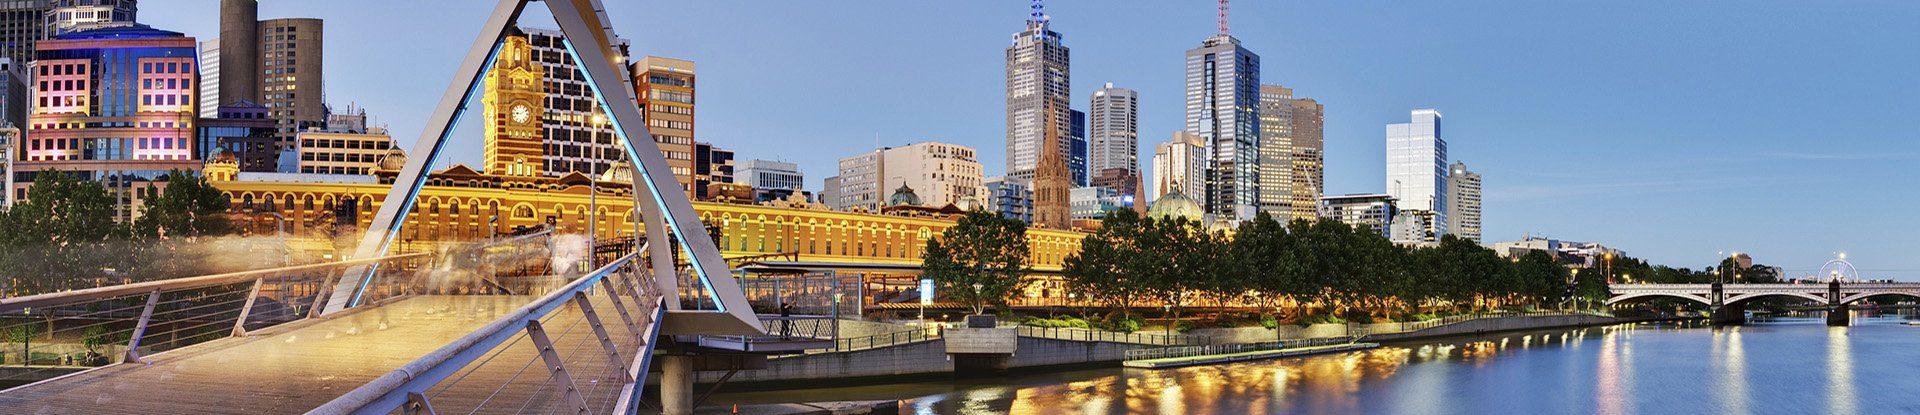 Melbourne banner 2 1